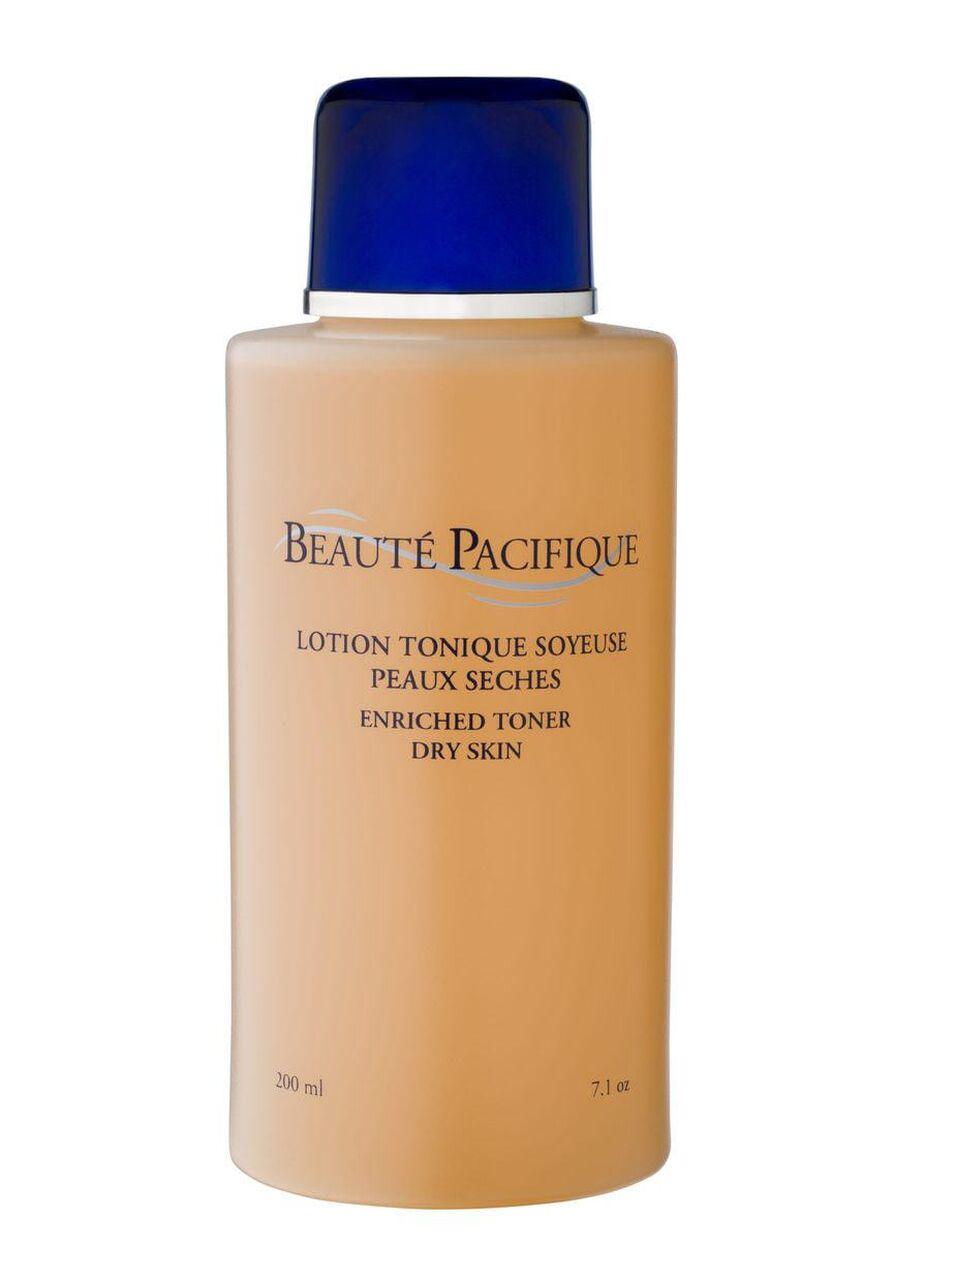 Beauty Pacifique Enriched Toner Reichhaltiges Tonic für trockene Haut 200ml